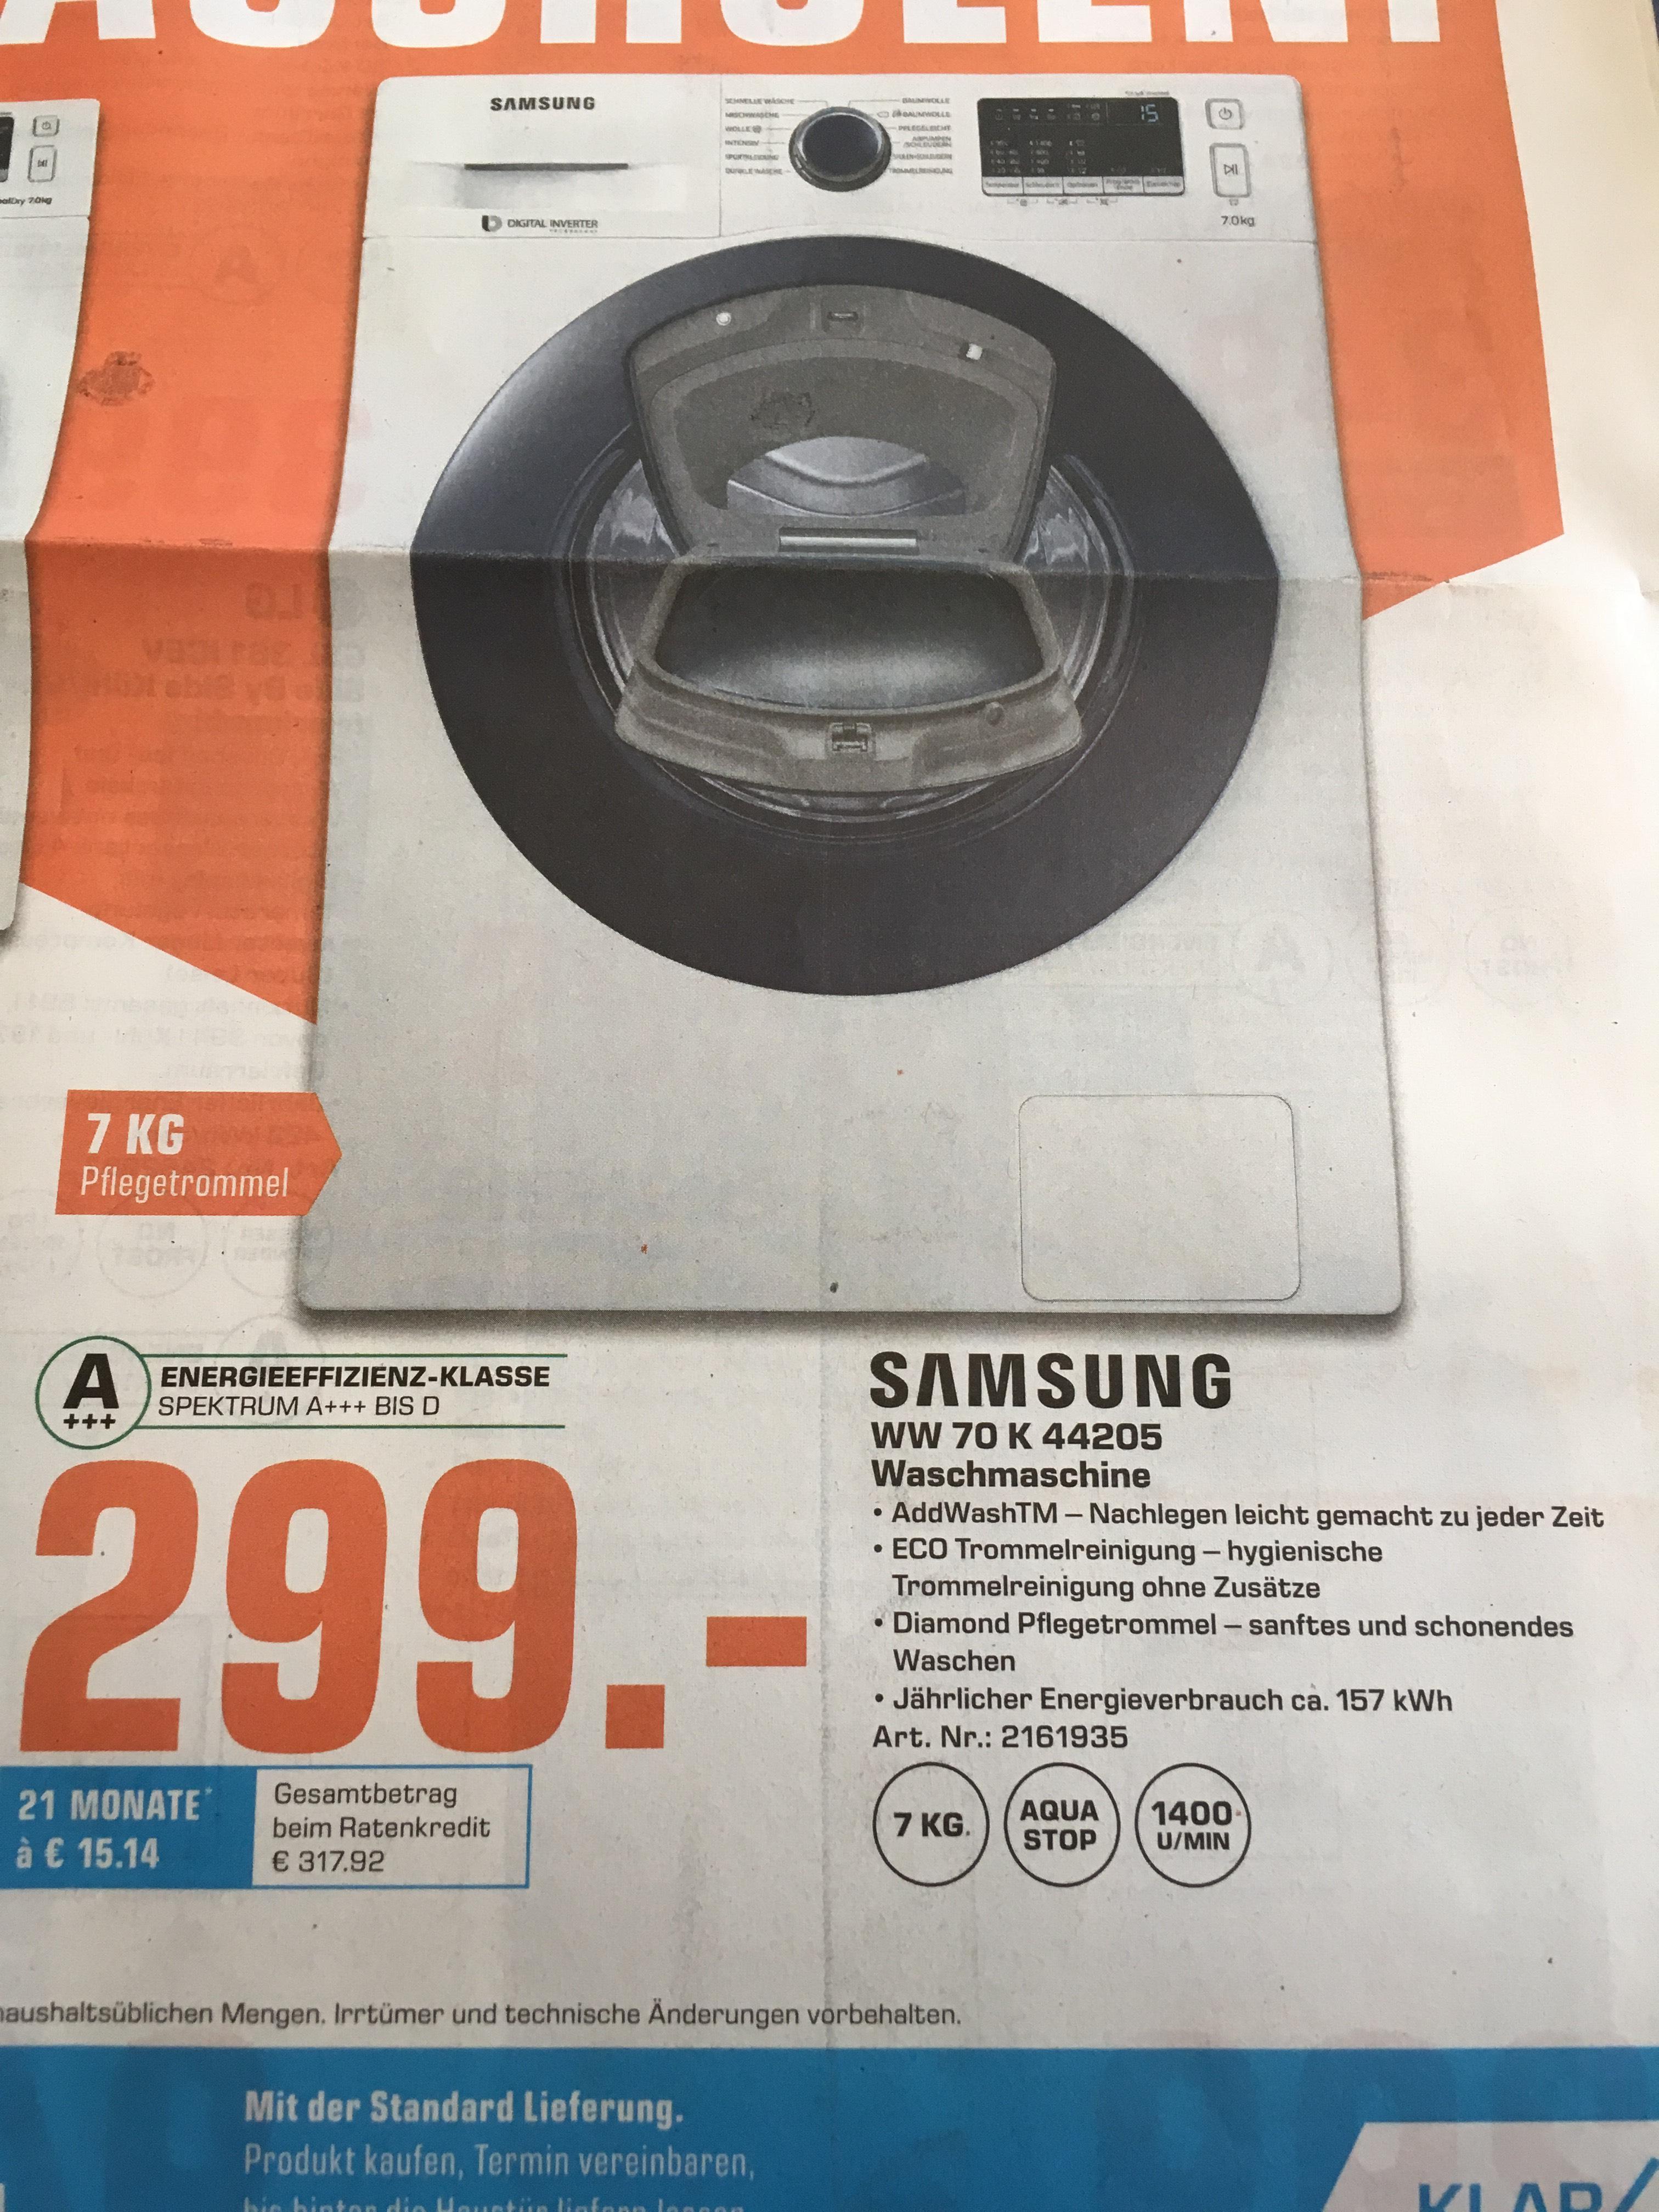 [Lokal] Celle Saturn Samsung Waschmaschine